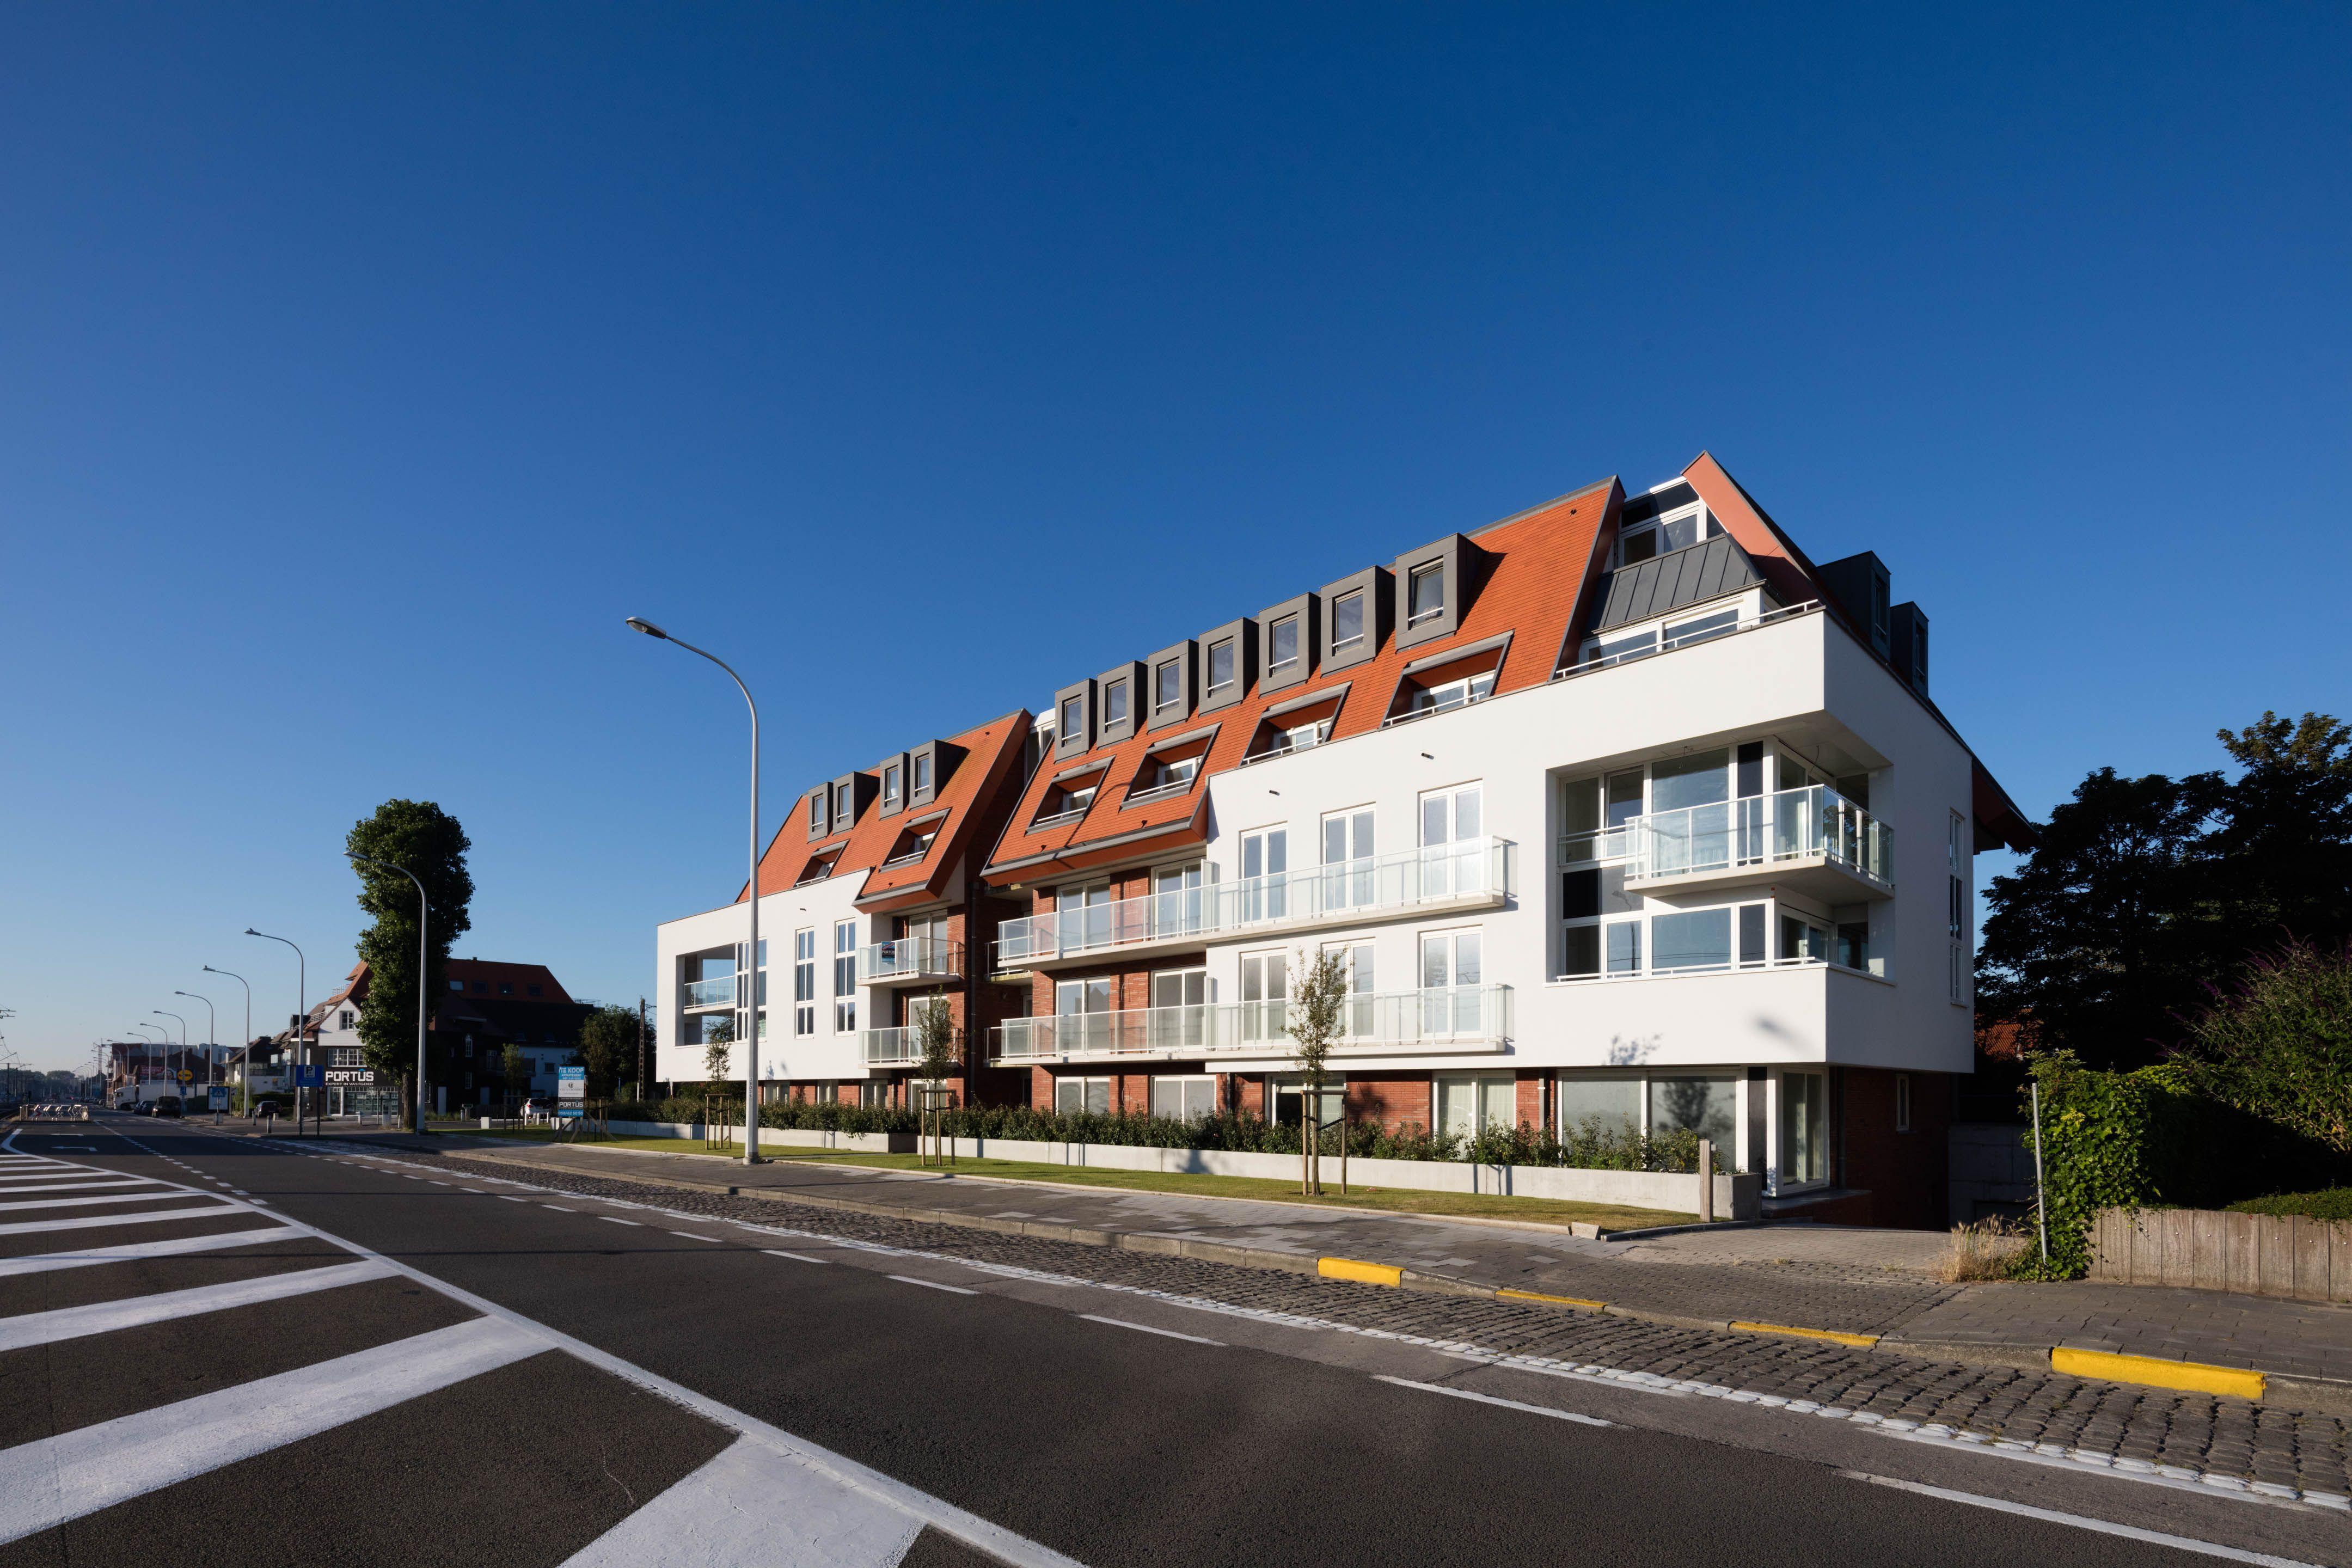 Appartement Residentie Villa Crombez Nieuwpoort - 9797